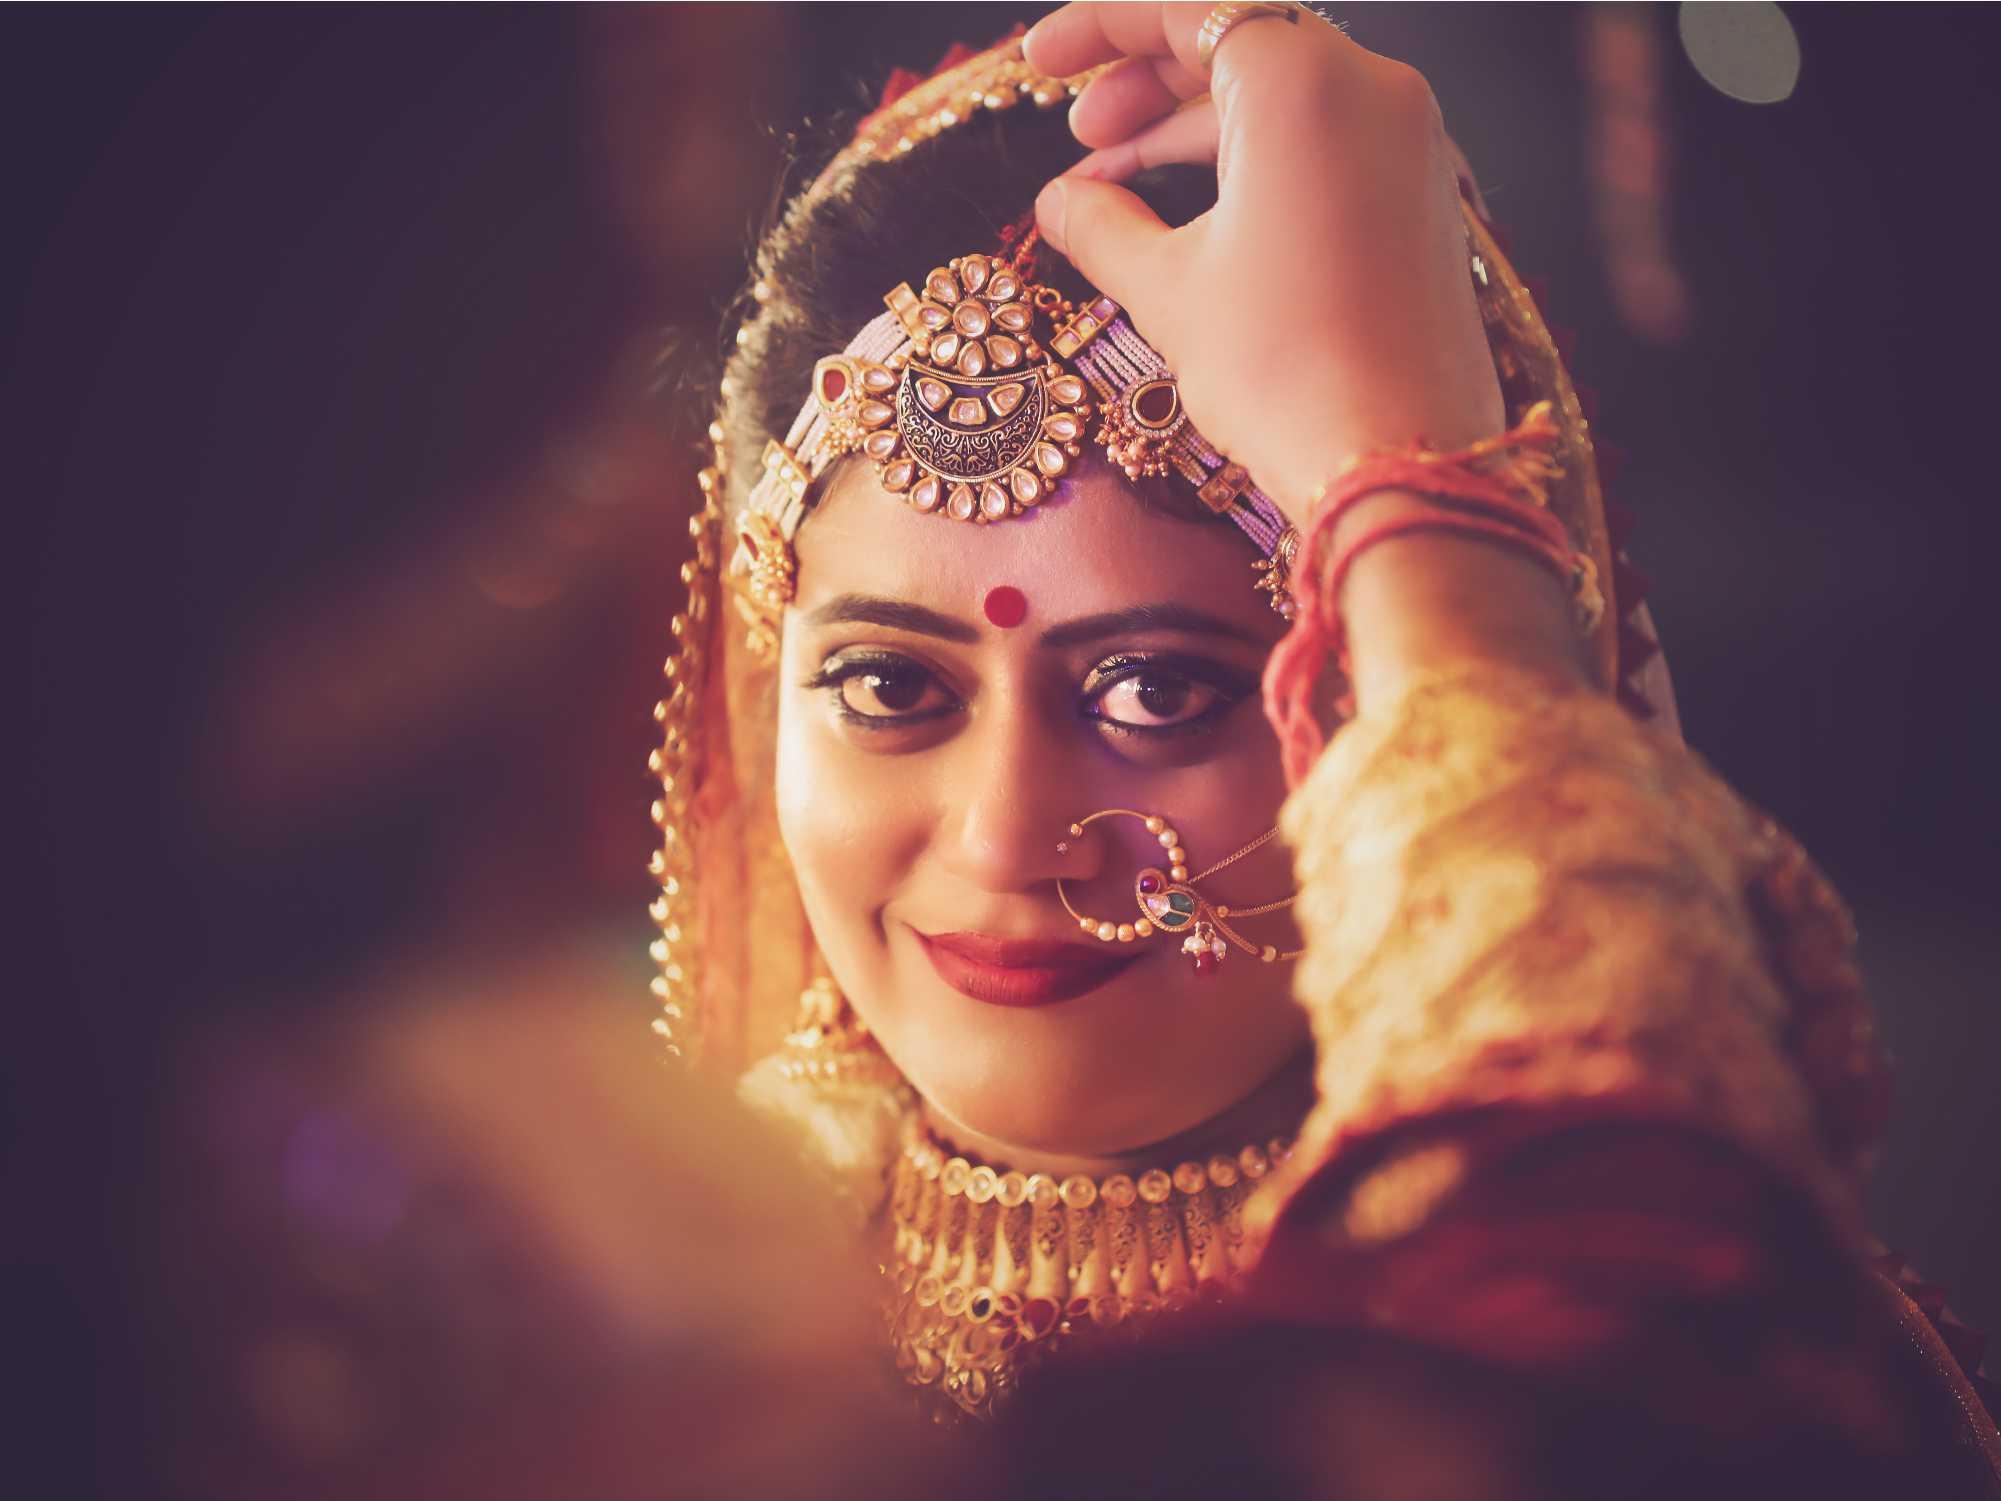 raditional Indian Wedding